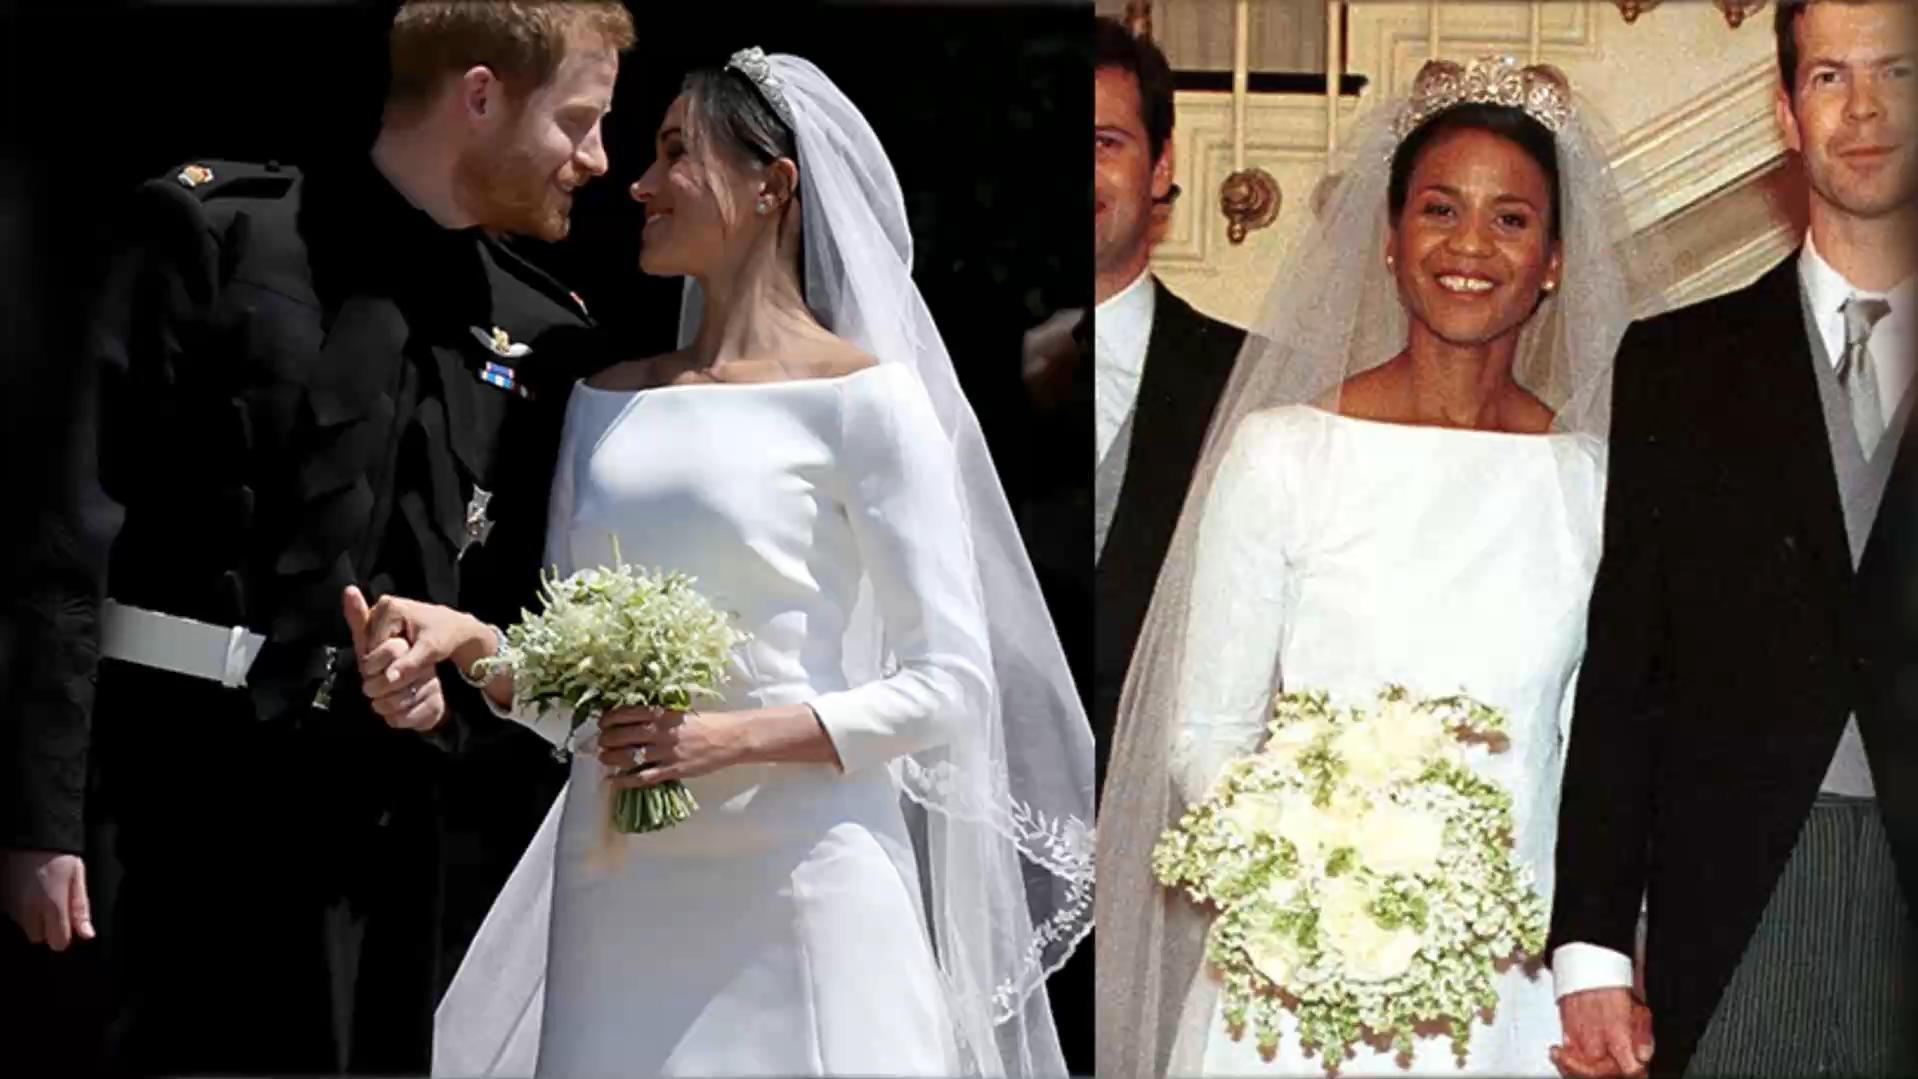 War Herzogin Meghans Hochzeitskleid von Angela zu Liechtenstein ...